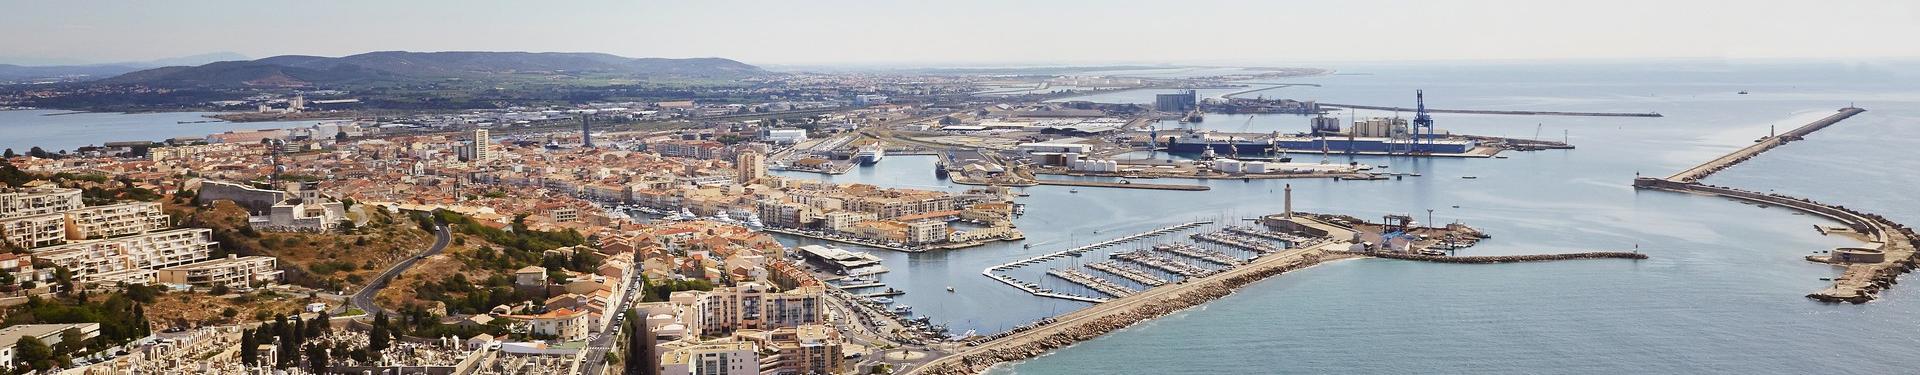 The Management Port Sud De France Port De Sete